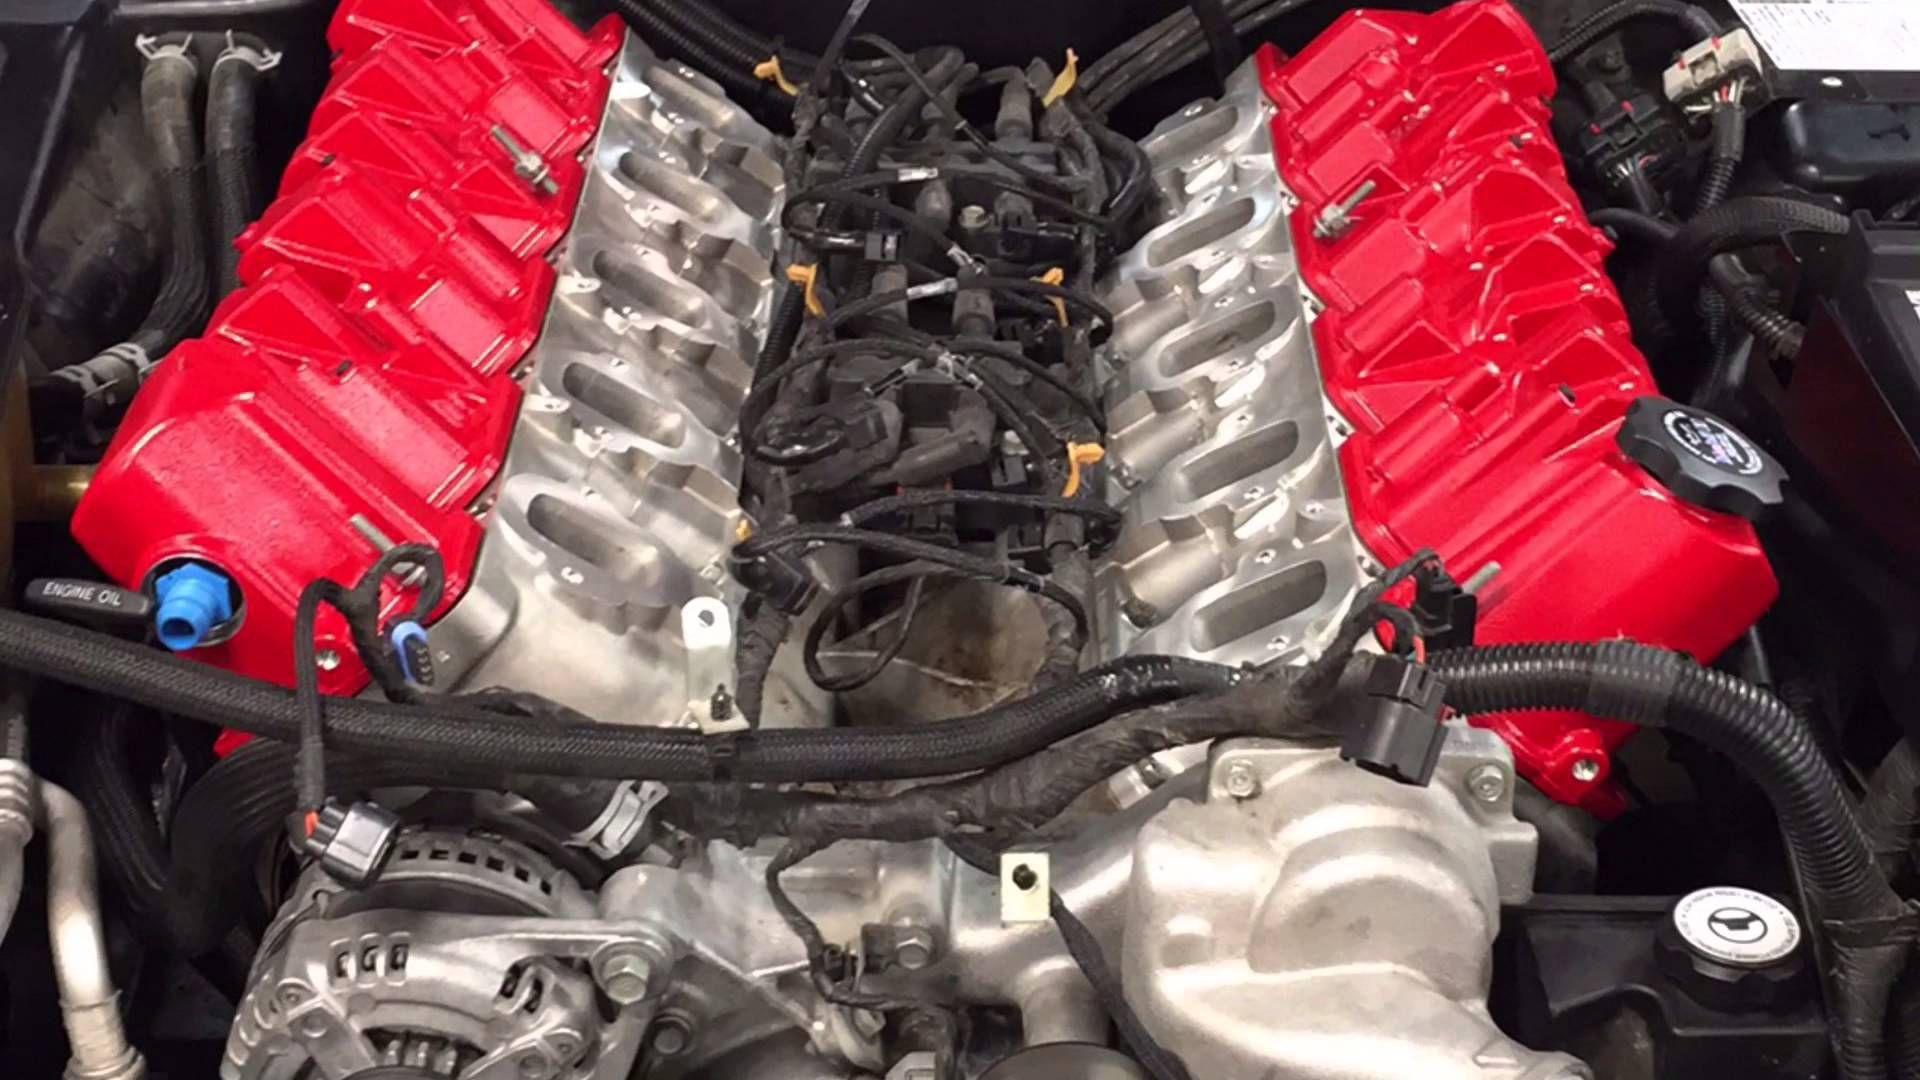 Dodge Viper Build Near, Meyer Speedway, Houston, Texas